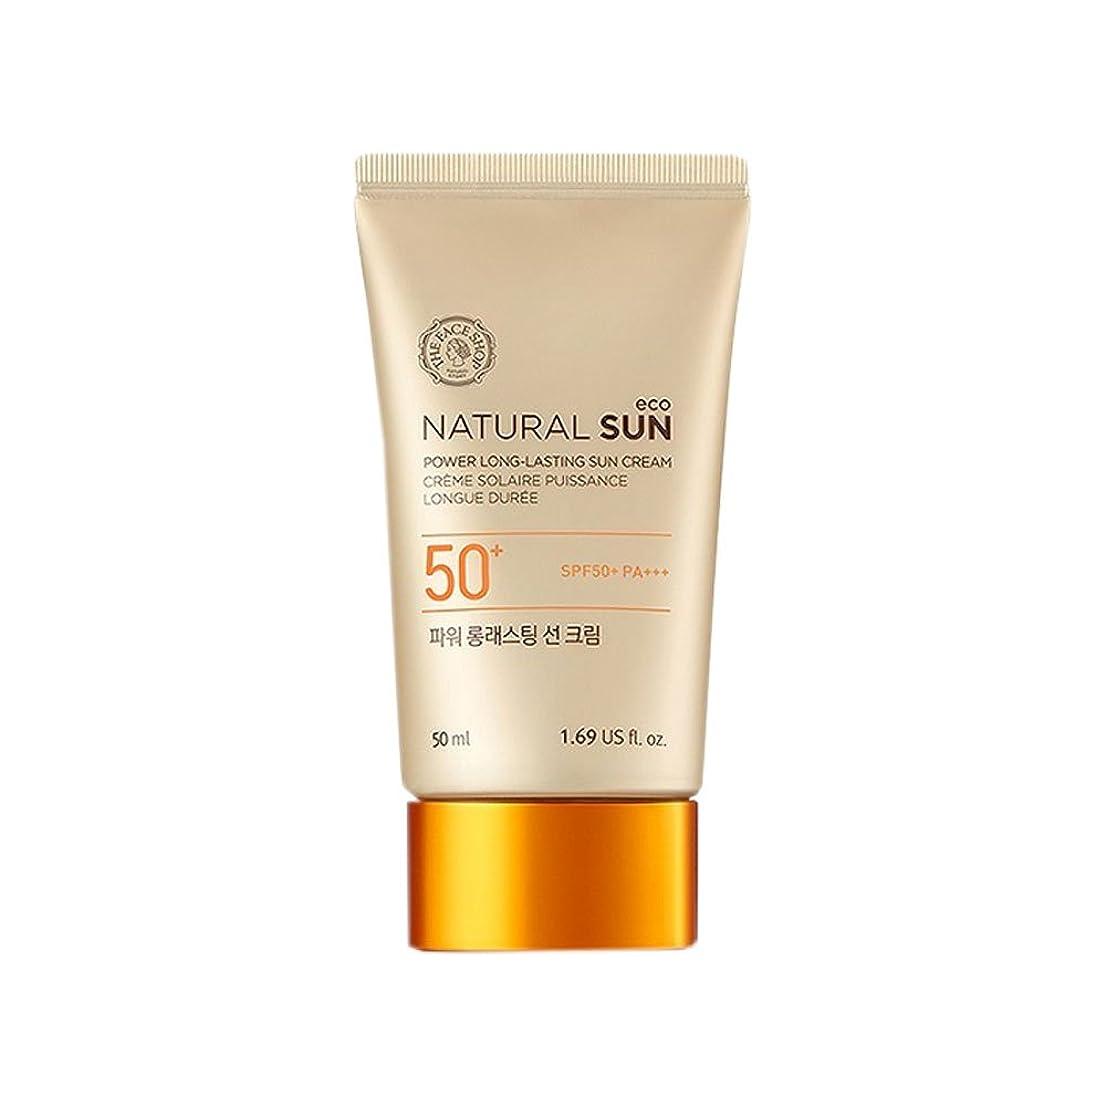 動かすスキム石の[ザ?フェイスショップ] The Face Shop ナチュラルサン エコ パワー ロングラスティング サン クリーム SPF50+PA+++50ml The Face Shop Natural Sun Eco Power Long-Lasting Sun SPF50+PA+++50ml [海外直送品]